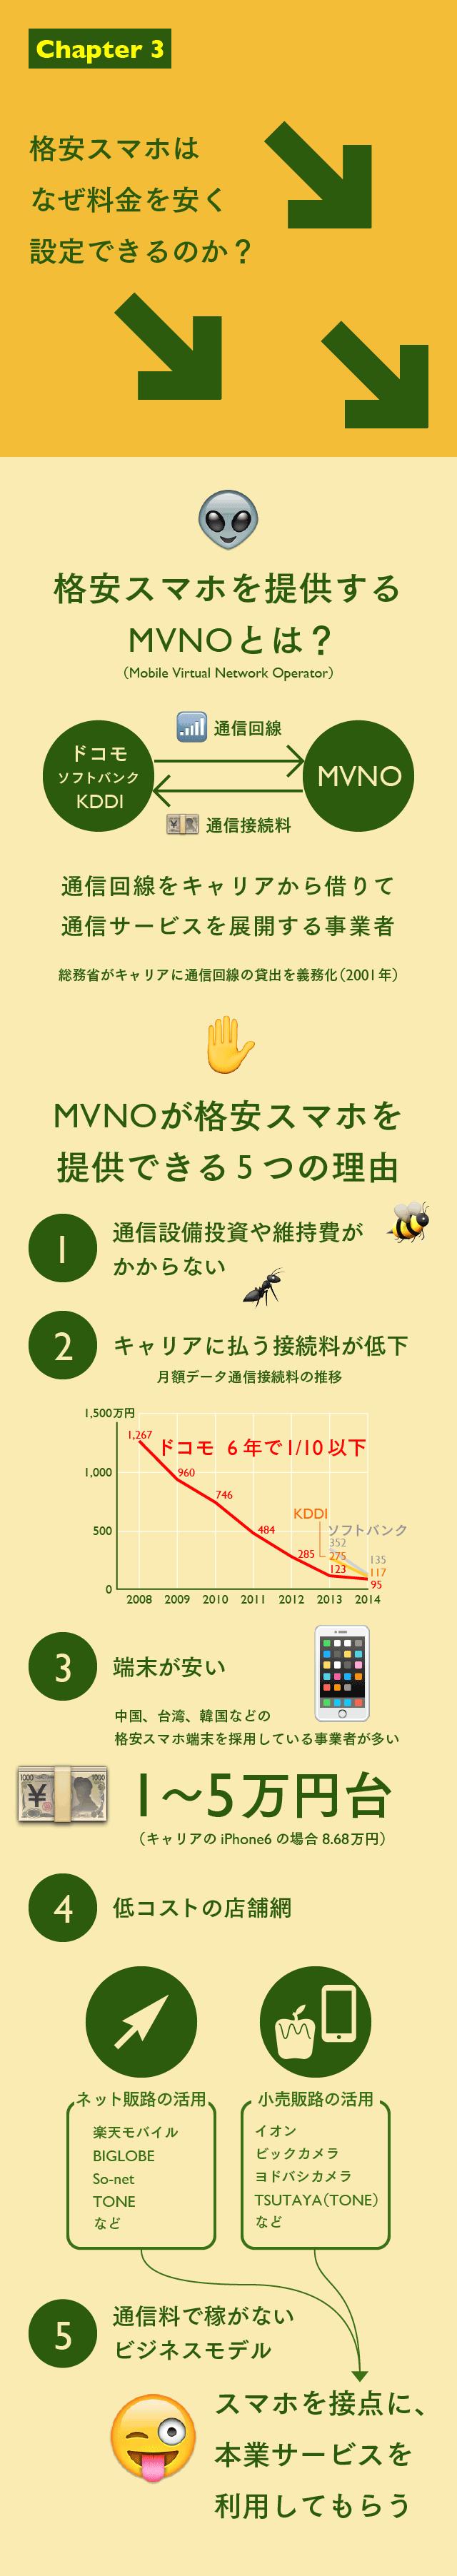 0137【マスター】モバイル#1_20150705-04